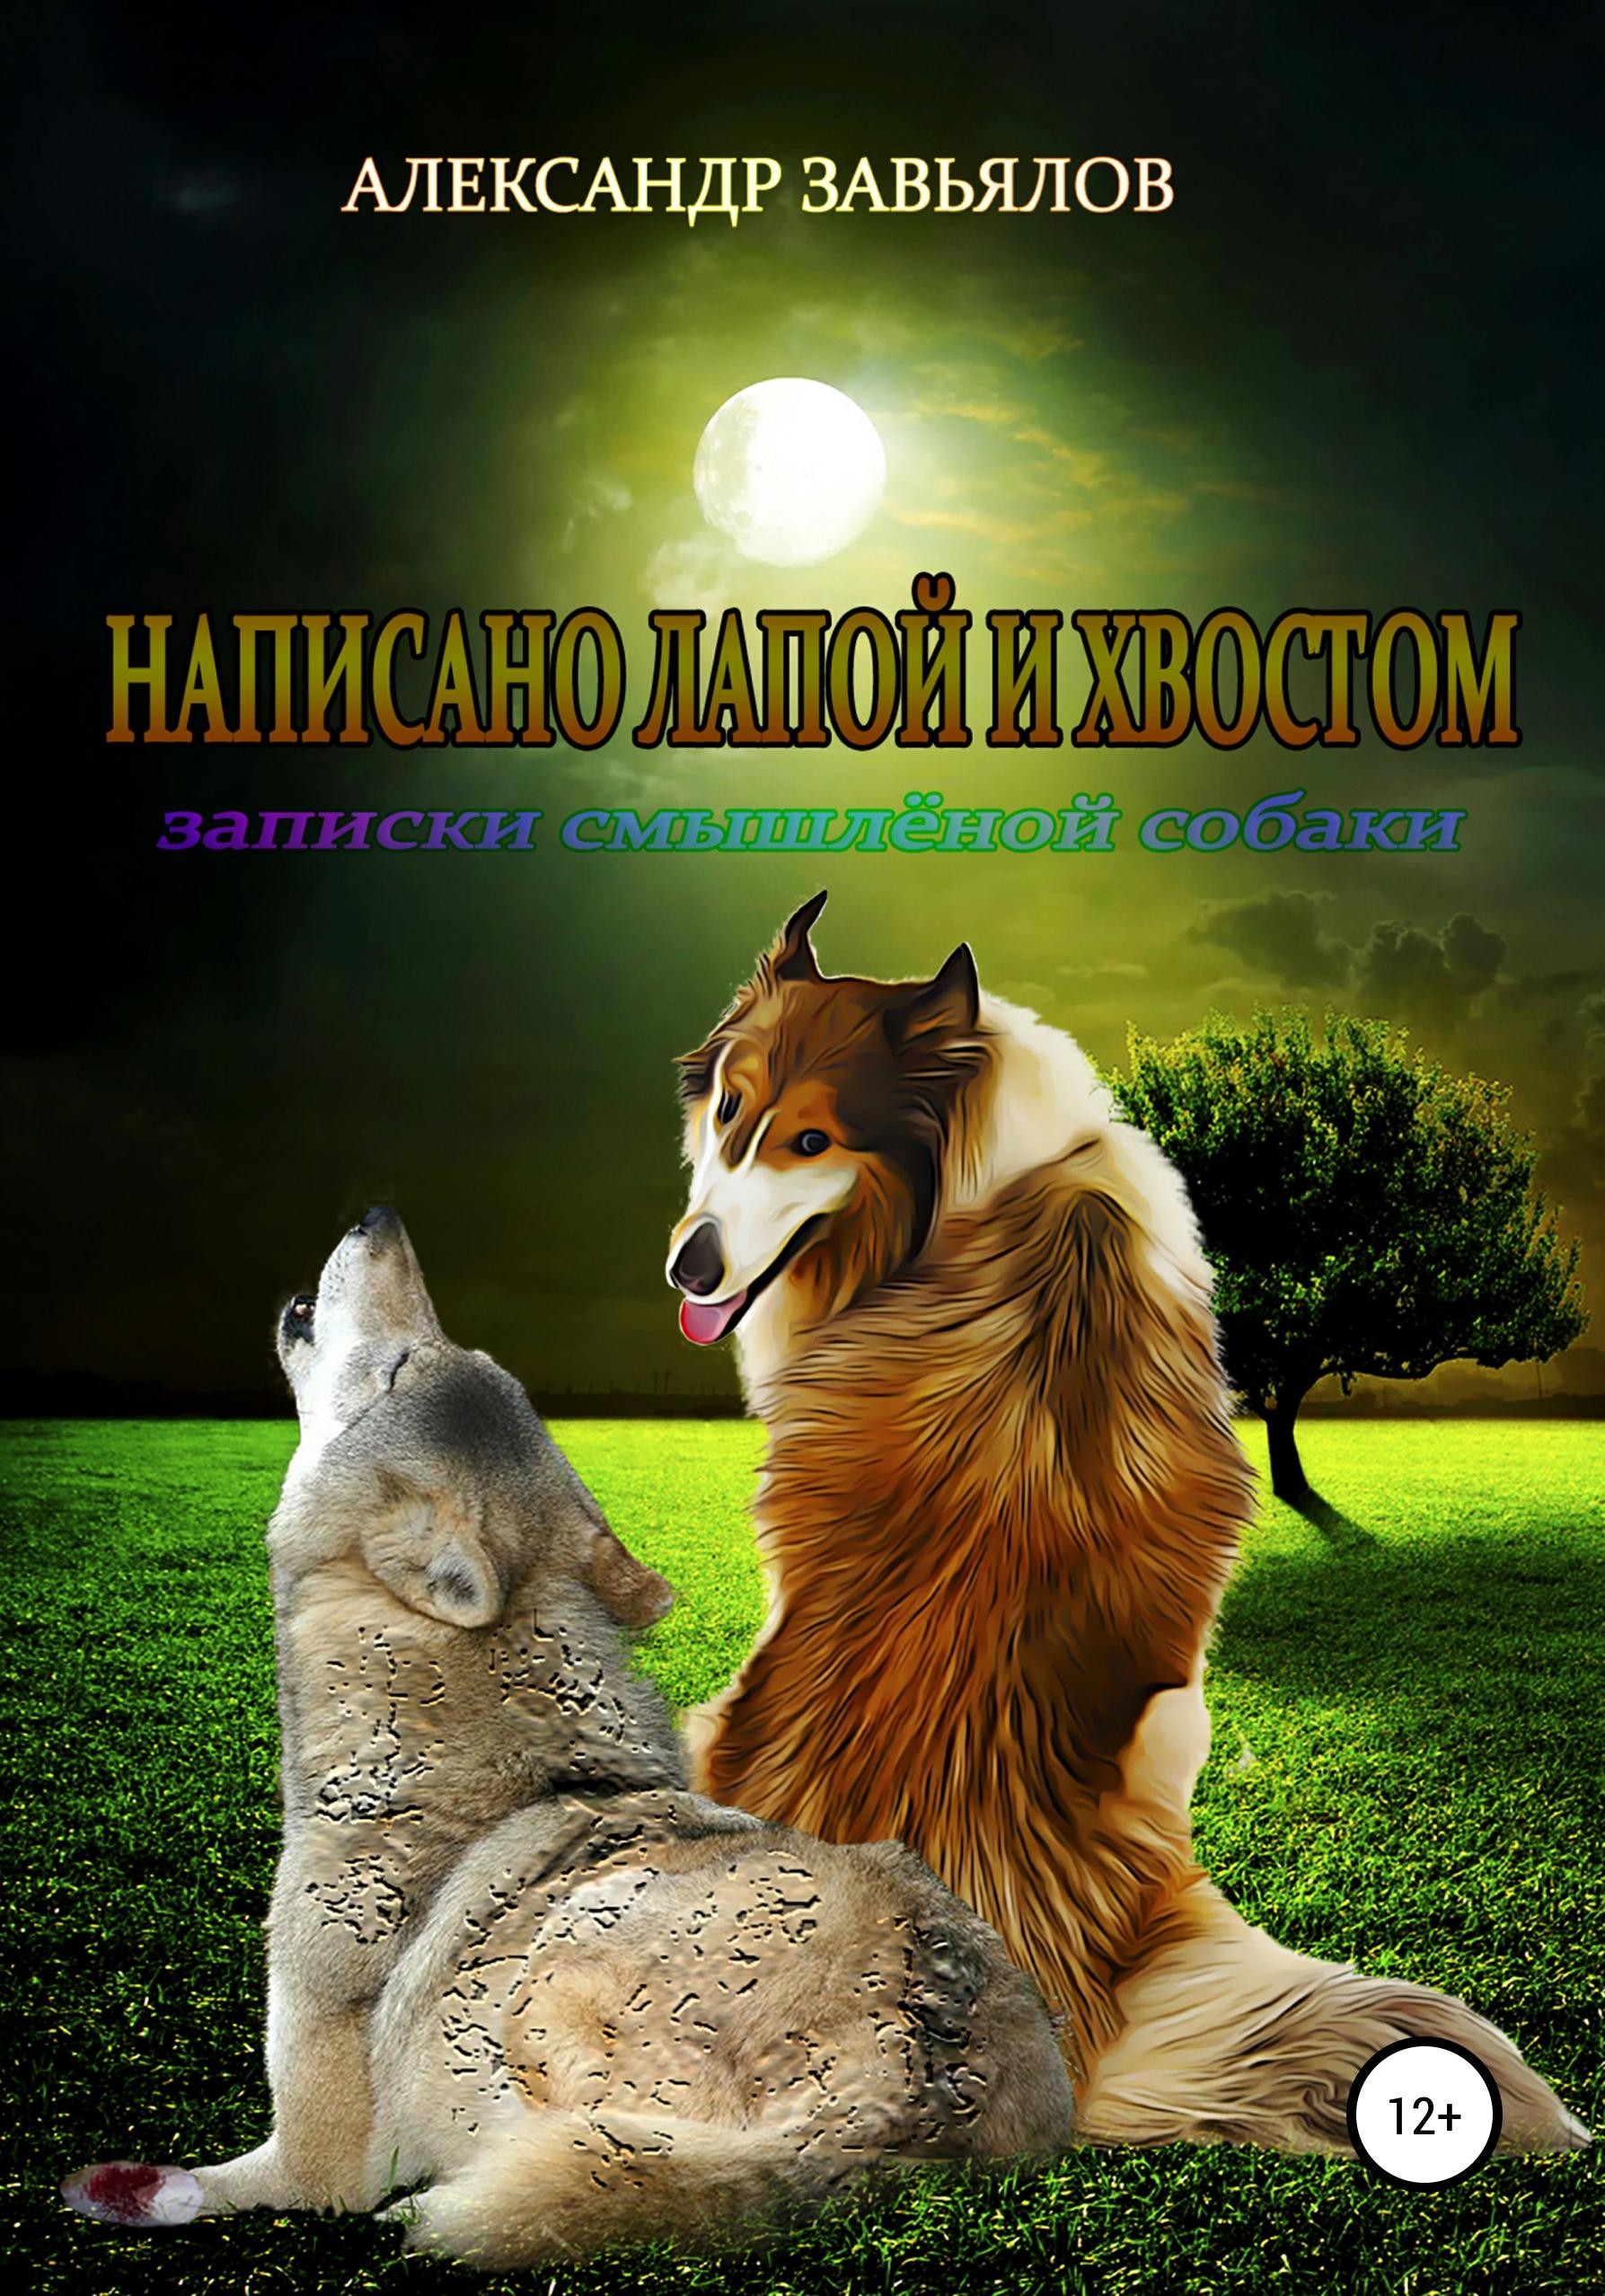 Александр Николаевич Завьялов Написано лапой и хвостом александр николаевич завьялов написано лапой и хвостом